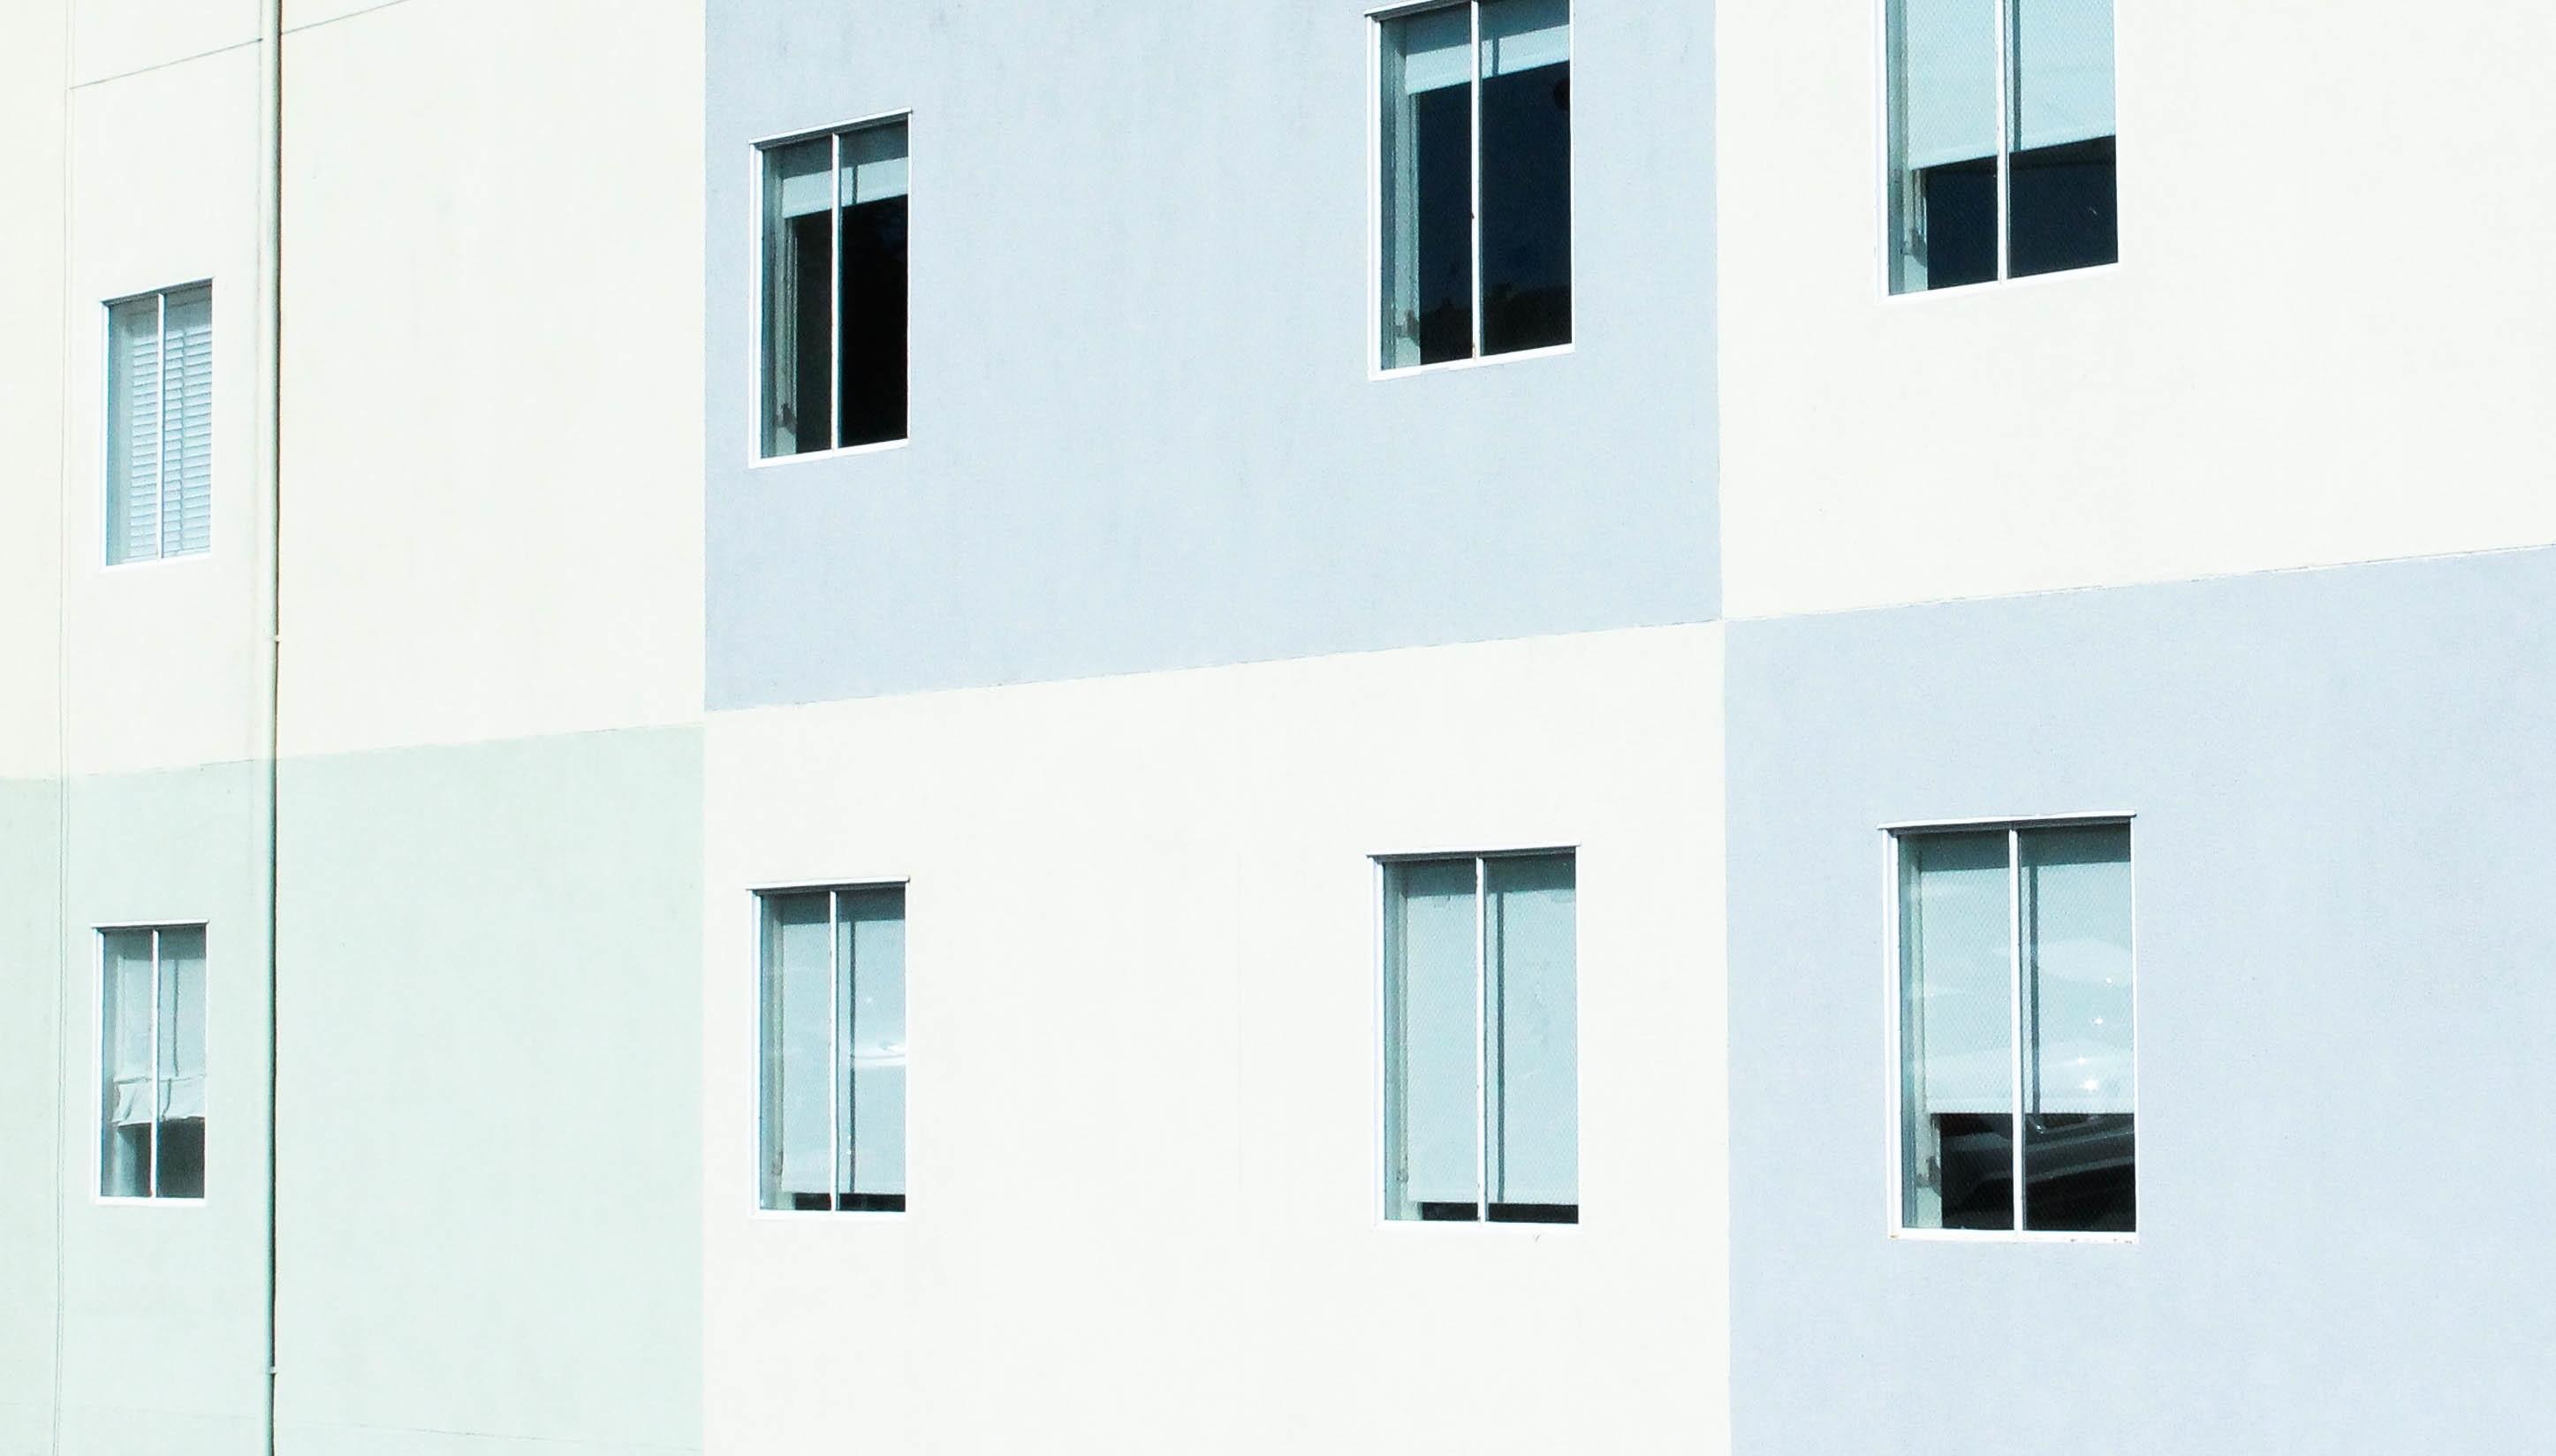 Architectuur Venster Glas Muur Facade Eigendom Professioneel Modern Vlakte  Interieur Ontwerp Ontwerp Minimalistische Ramen Minimalisme  Daglichttoetreding